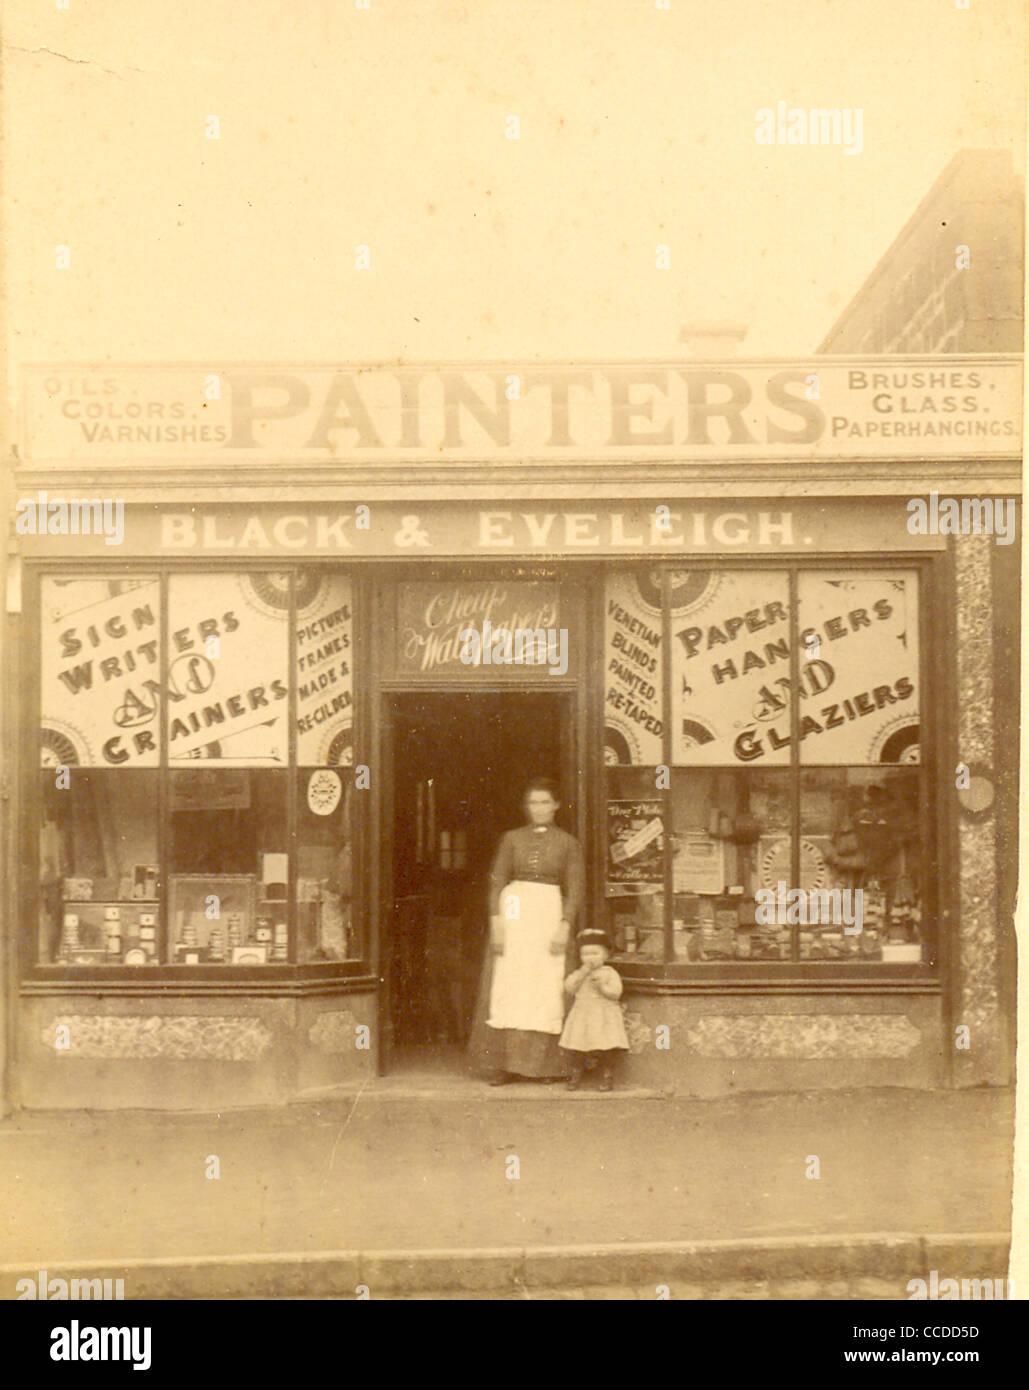 Cabinet fotografia di segno scrittore e negozio di pittori, Black & Eveleigh circa 1895 Foto Stock